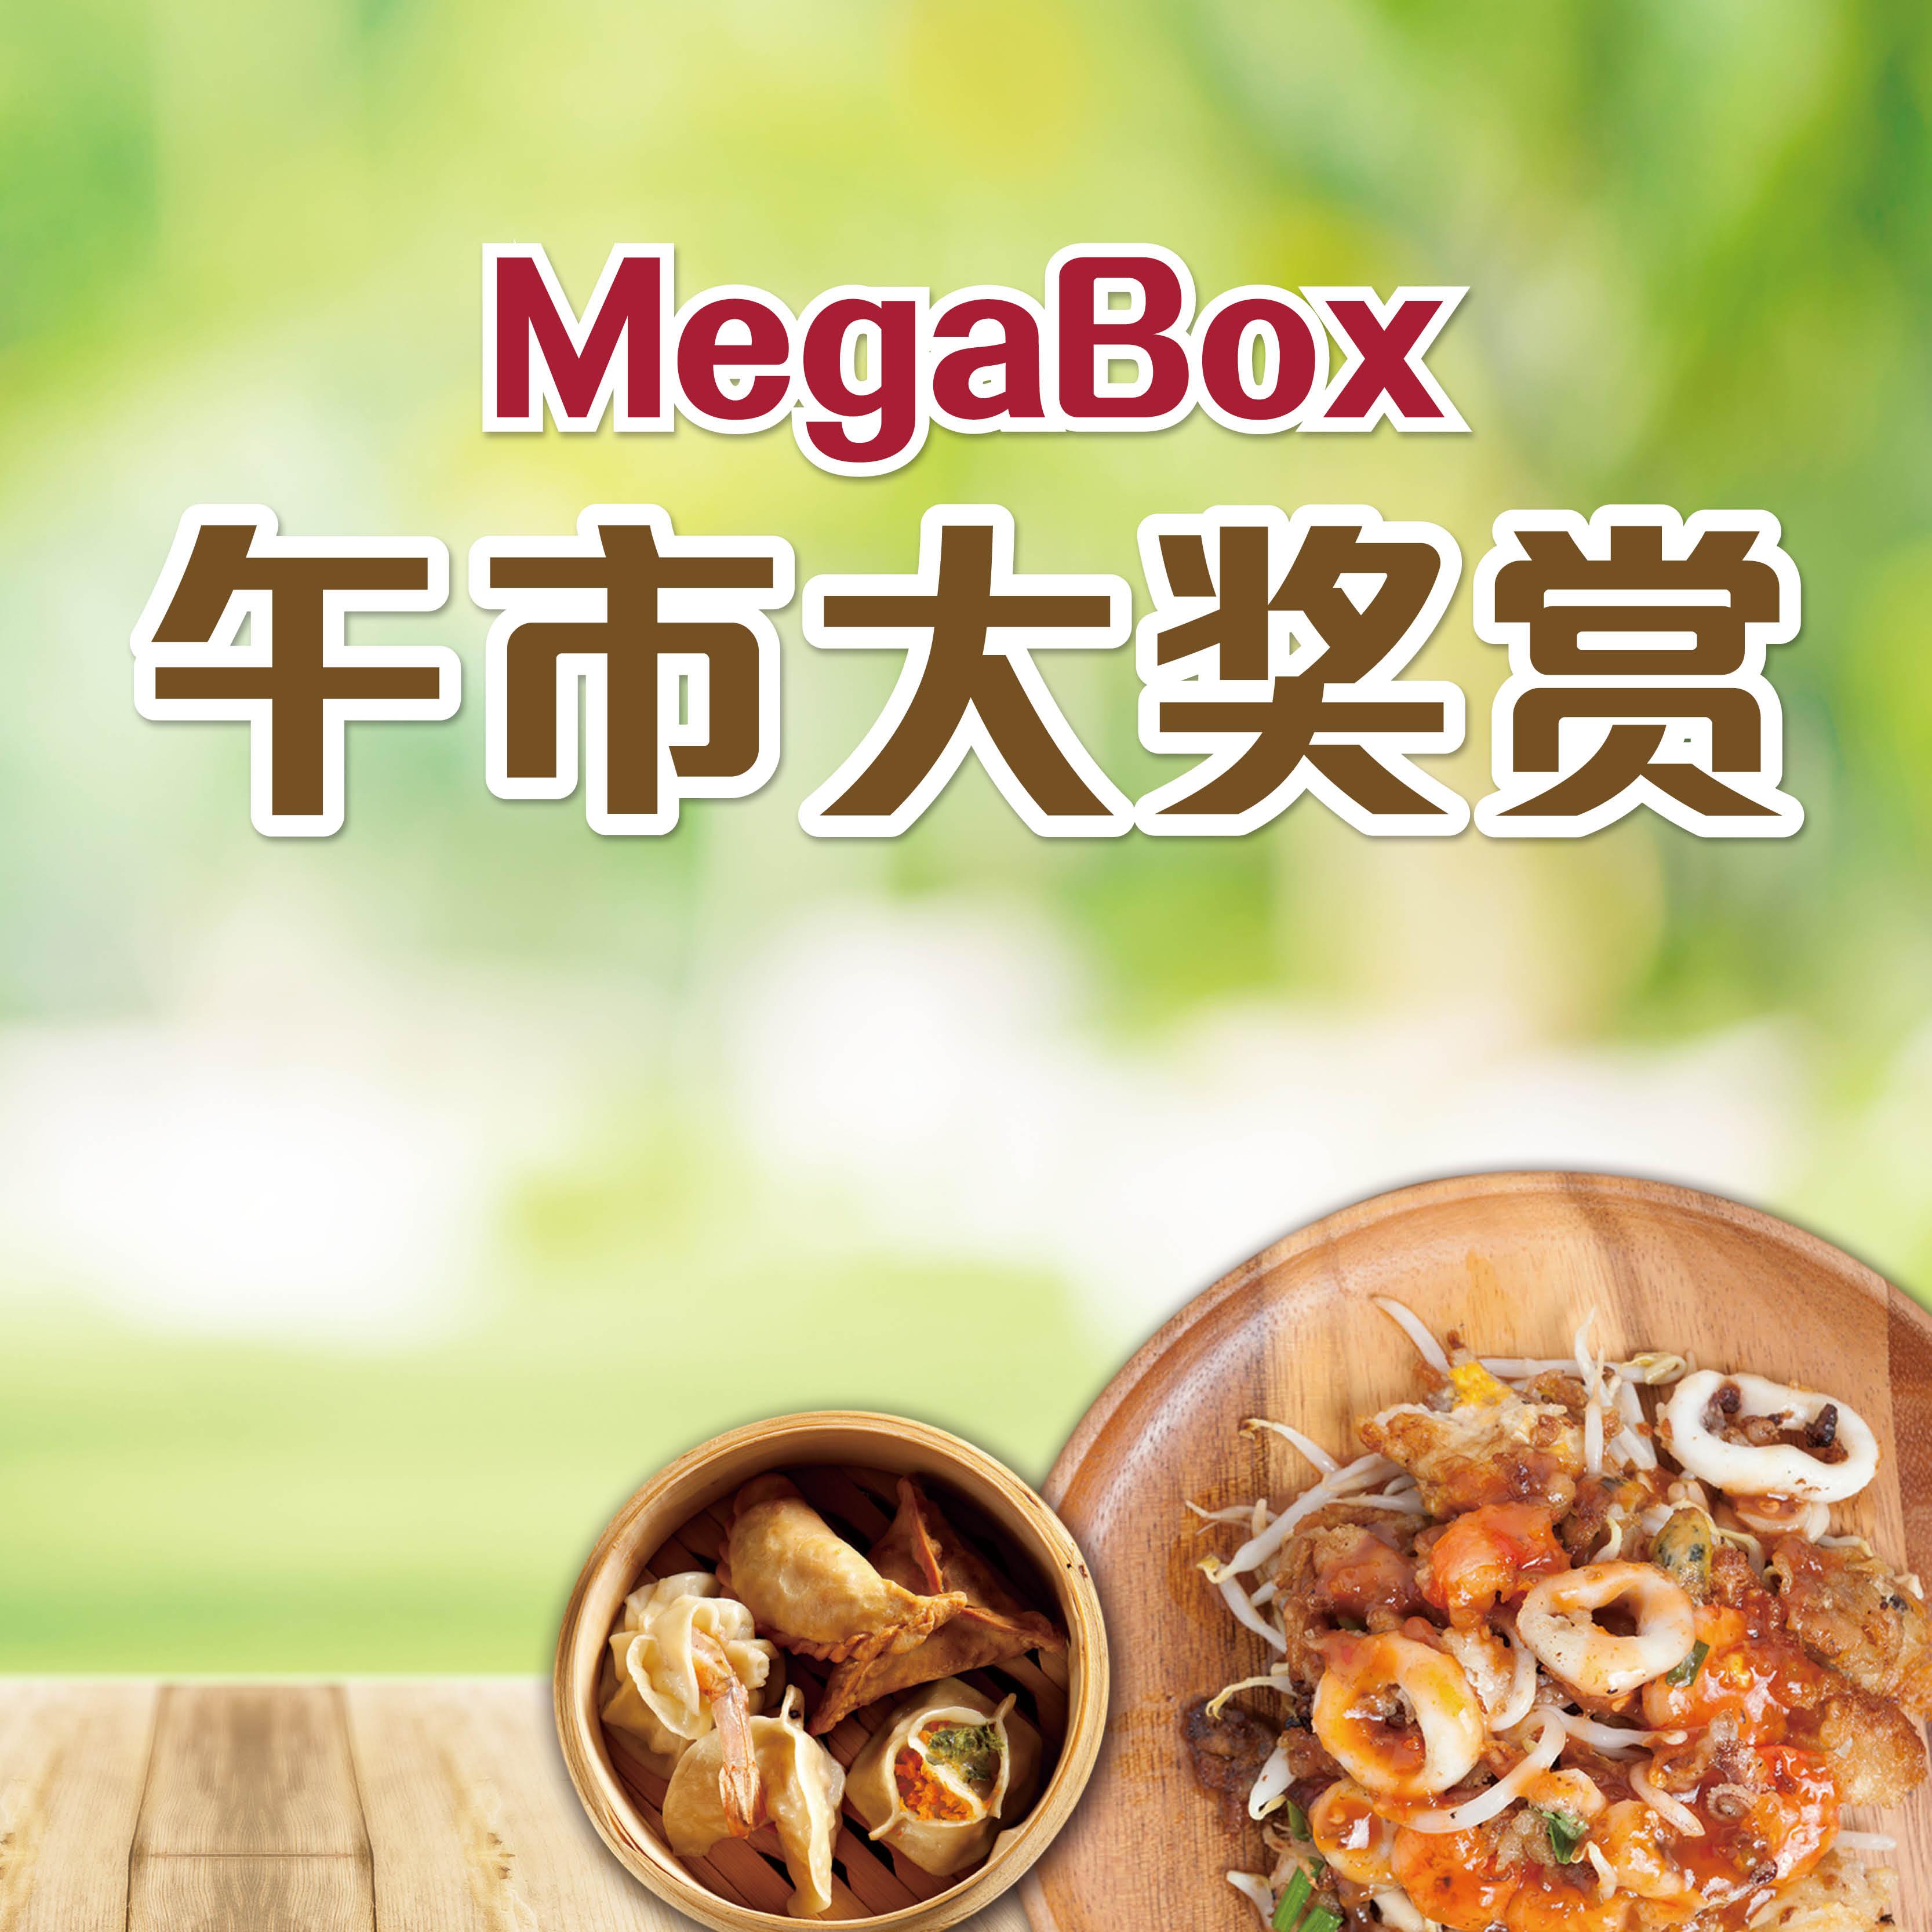 MegaBox 午市大奖赏